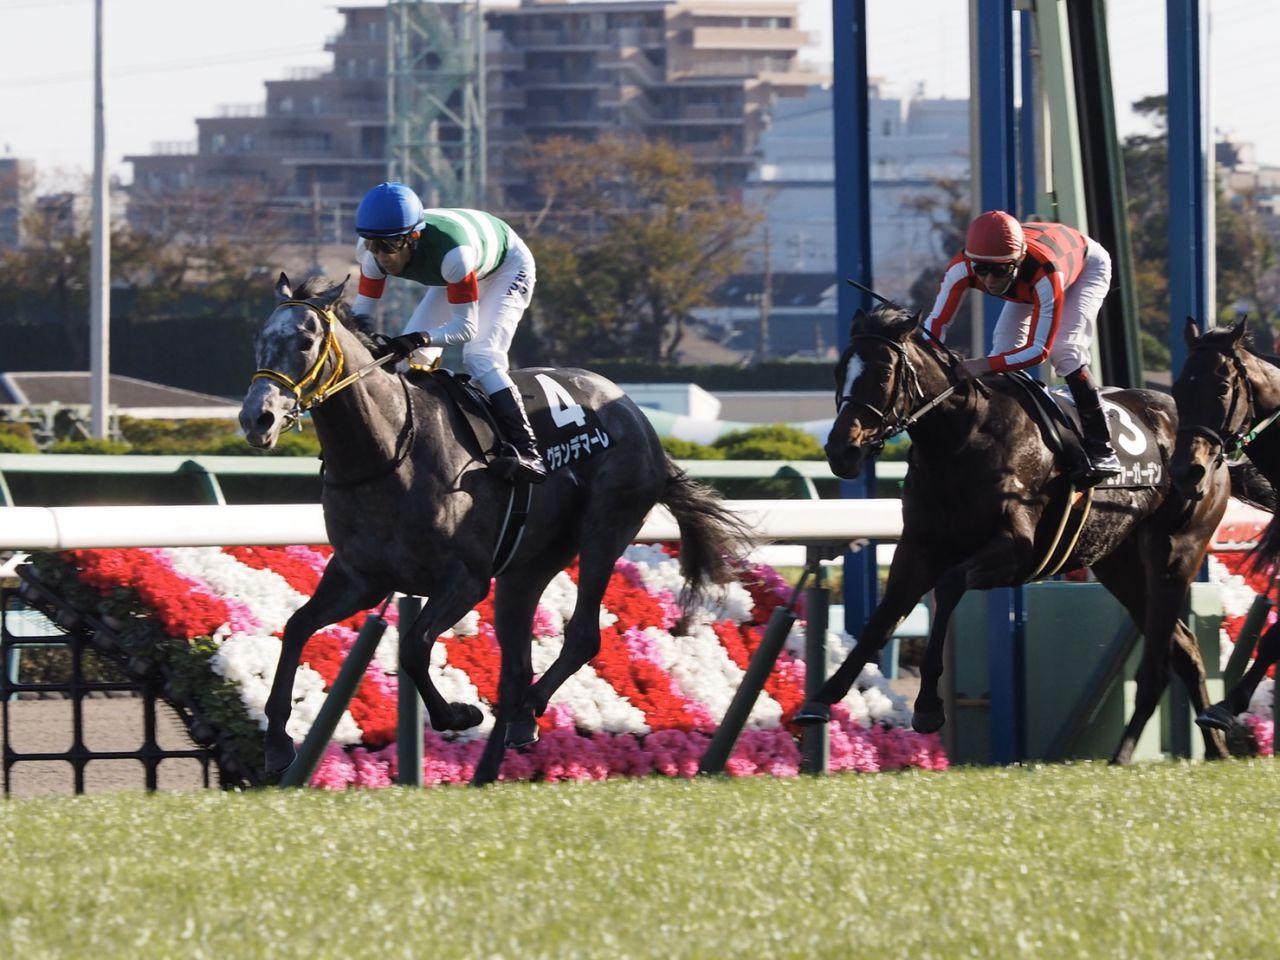 【葉牡丹賞】グランデマーレがデビュー2連勝!